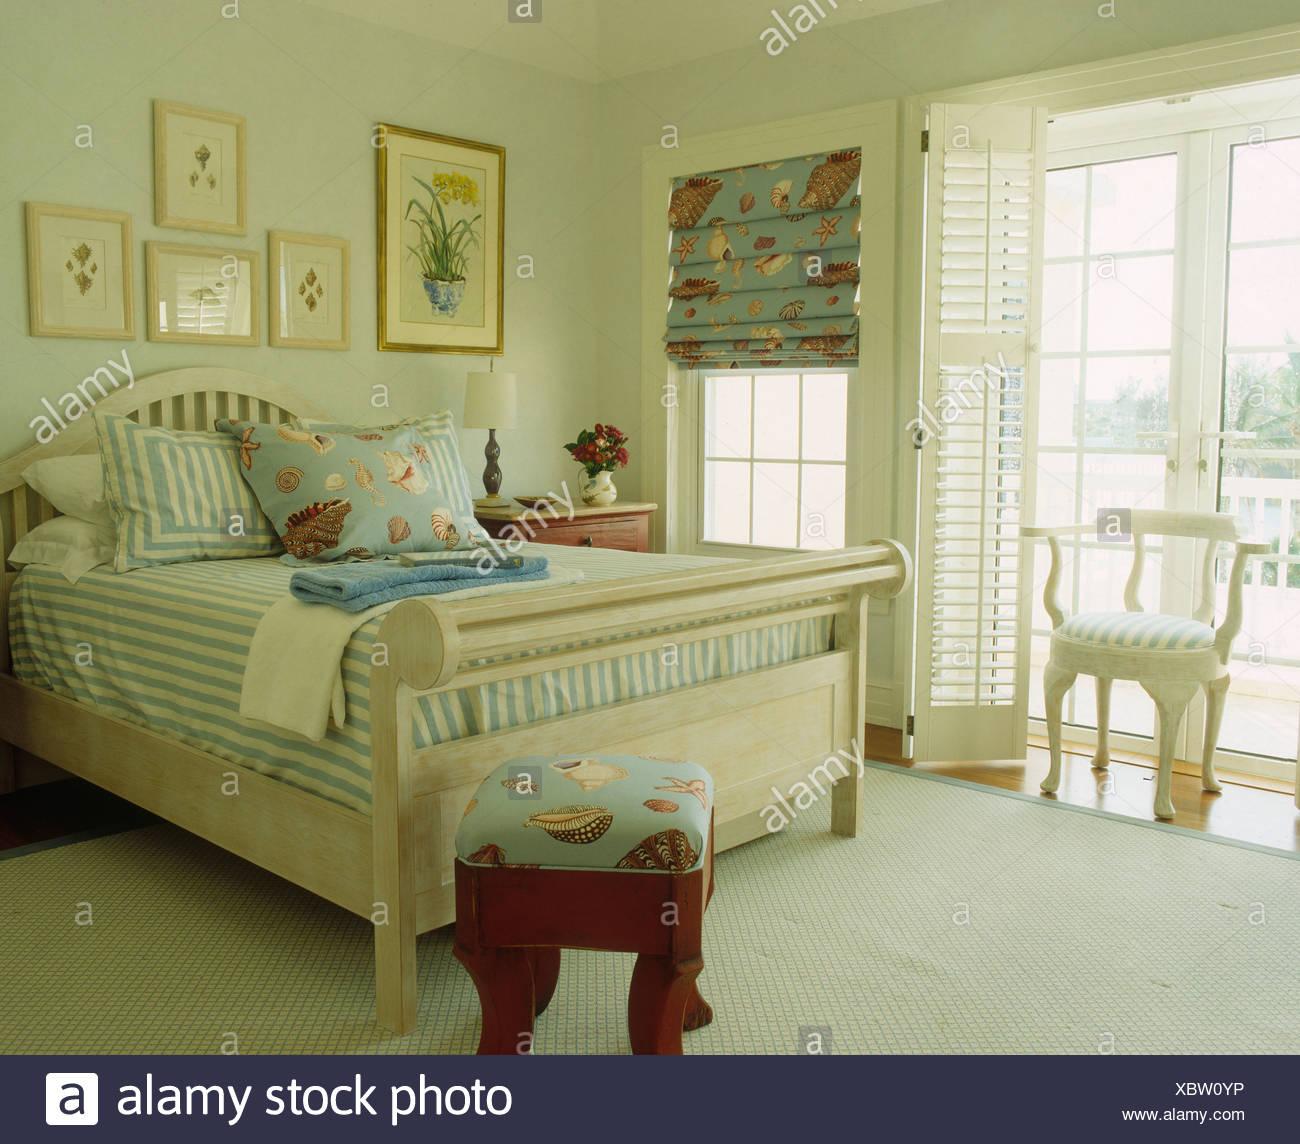 Gestreifte Blaue Abdeckung Auf Hellen Holz Bett In Bermuda